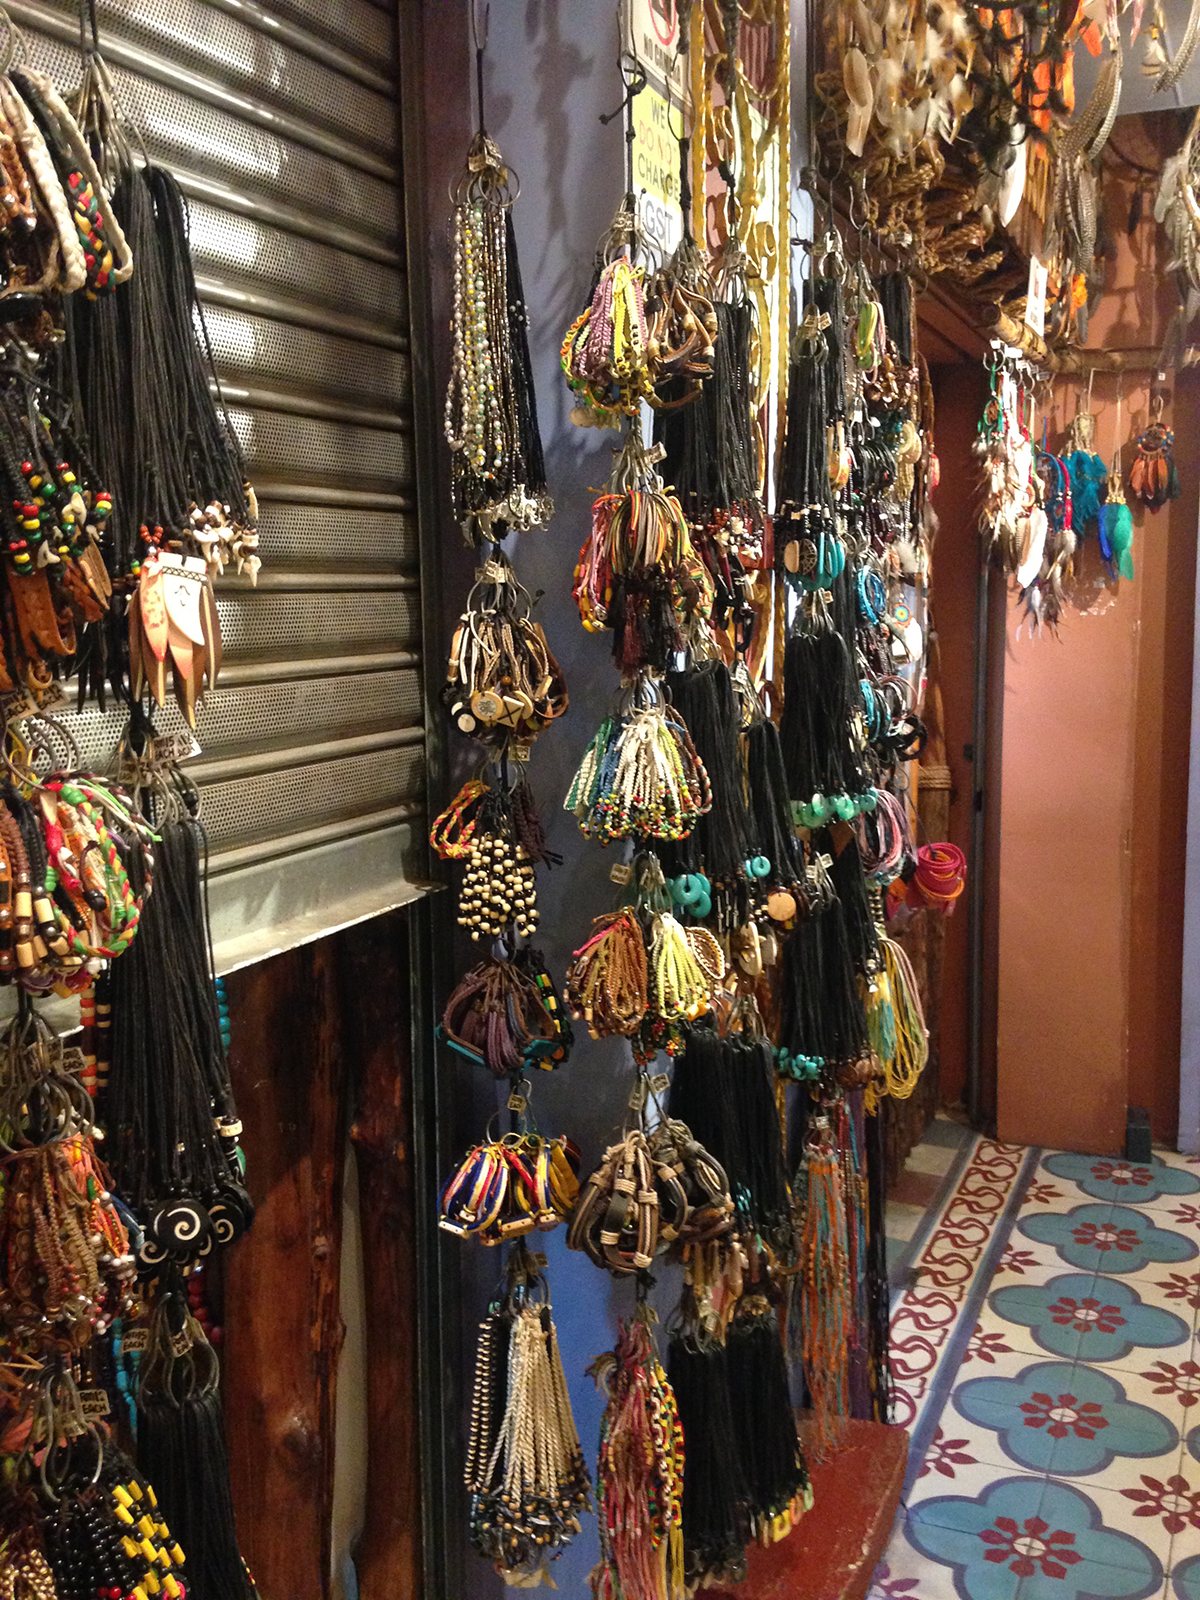 Authentic-Gems-dreamcatchers-central-market-kl